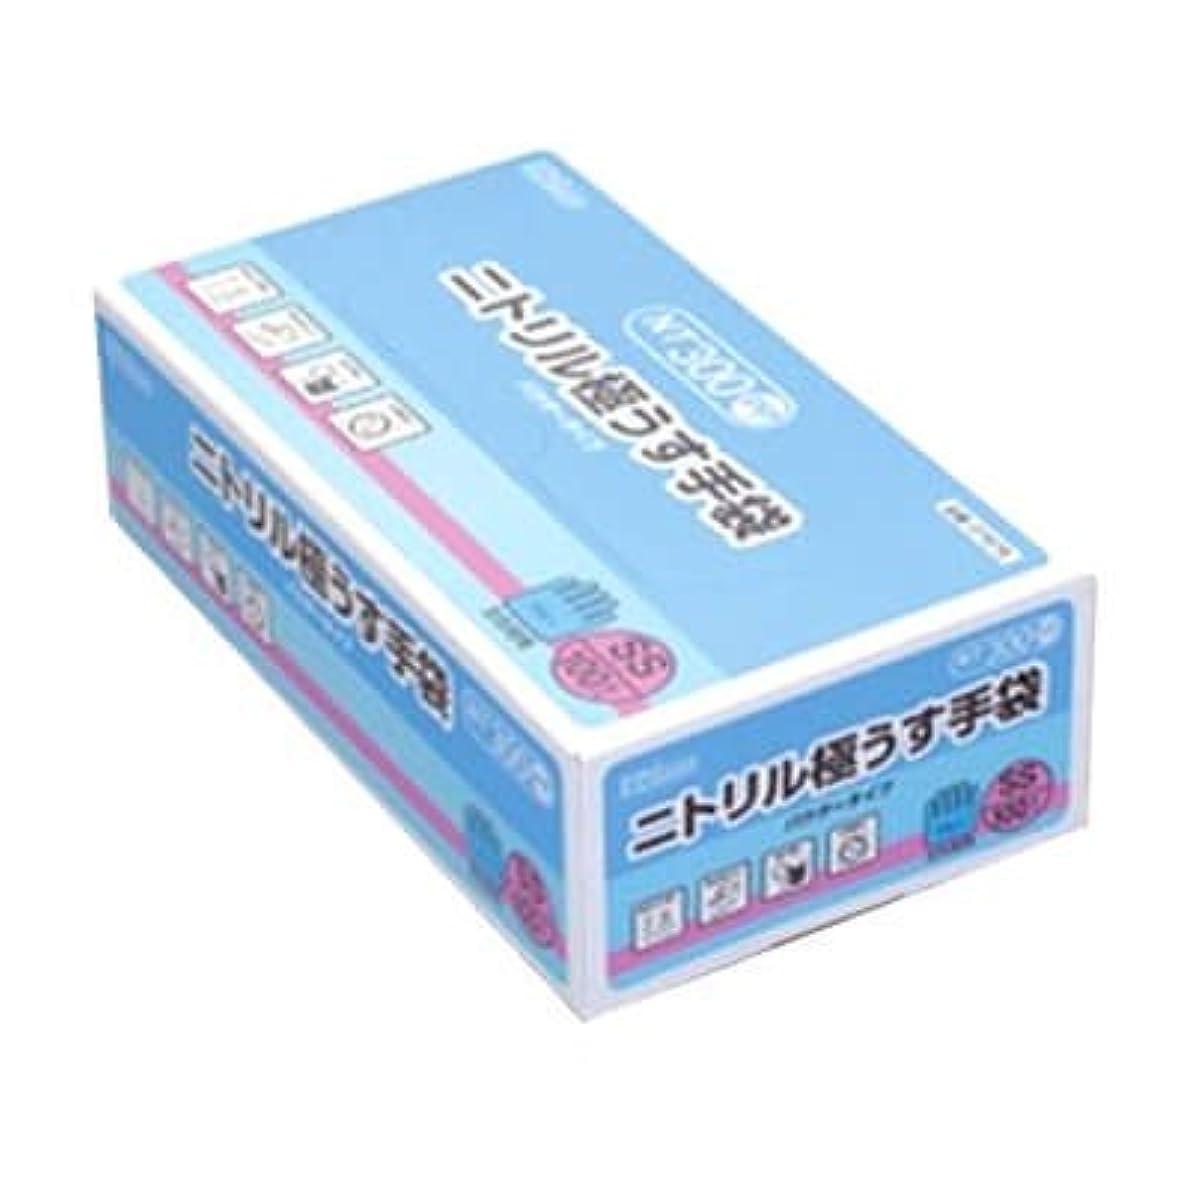 オーナーいろいろ購入【ケース販売】 ダンロップ ニトリル極うす手袋 粉付 SS ブルー NT-300 (100枚入×20箱)